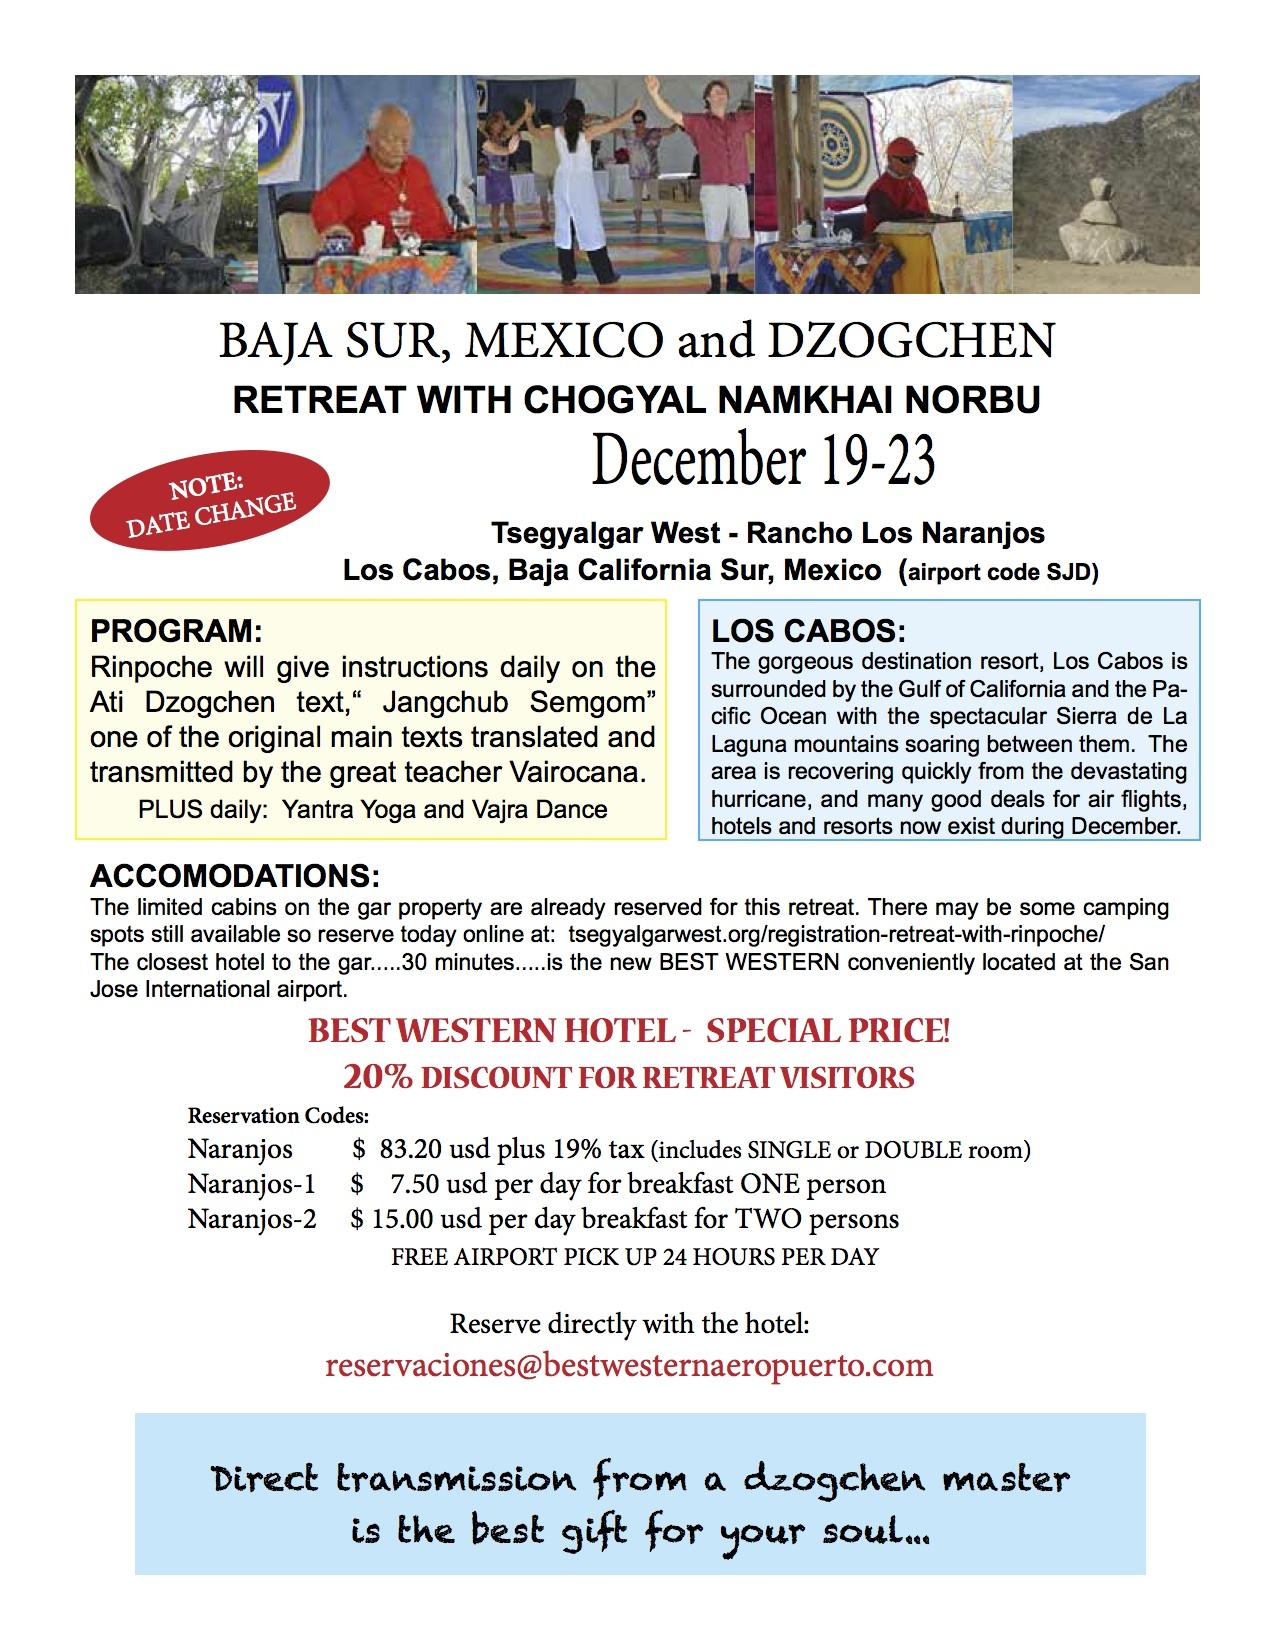 Mexico retreat hotel flyer